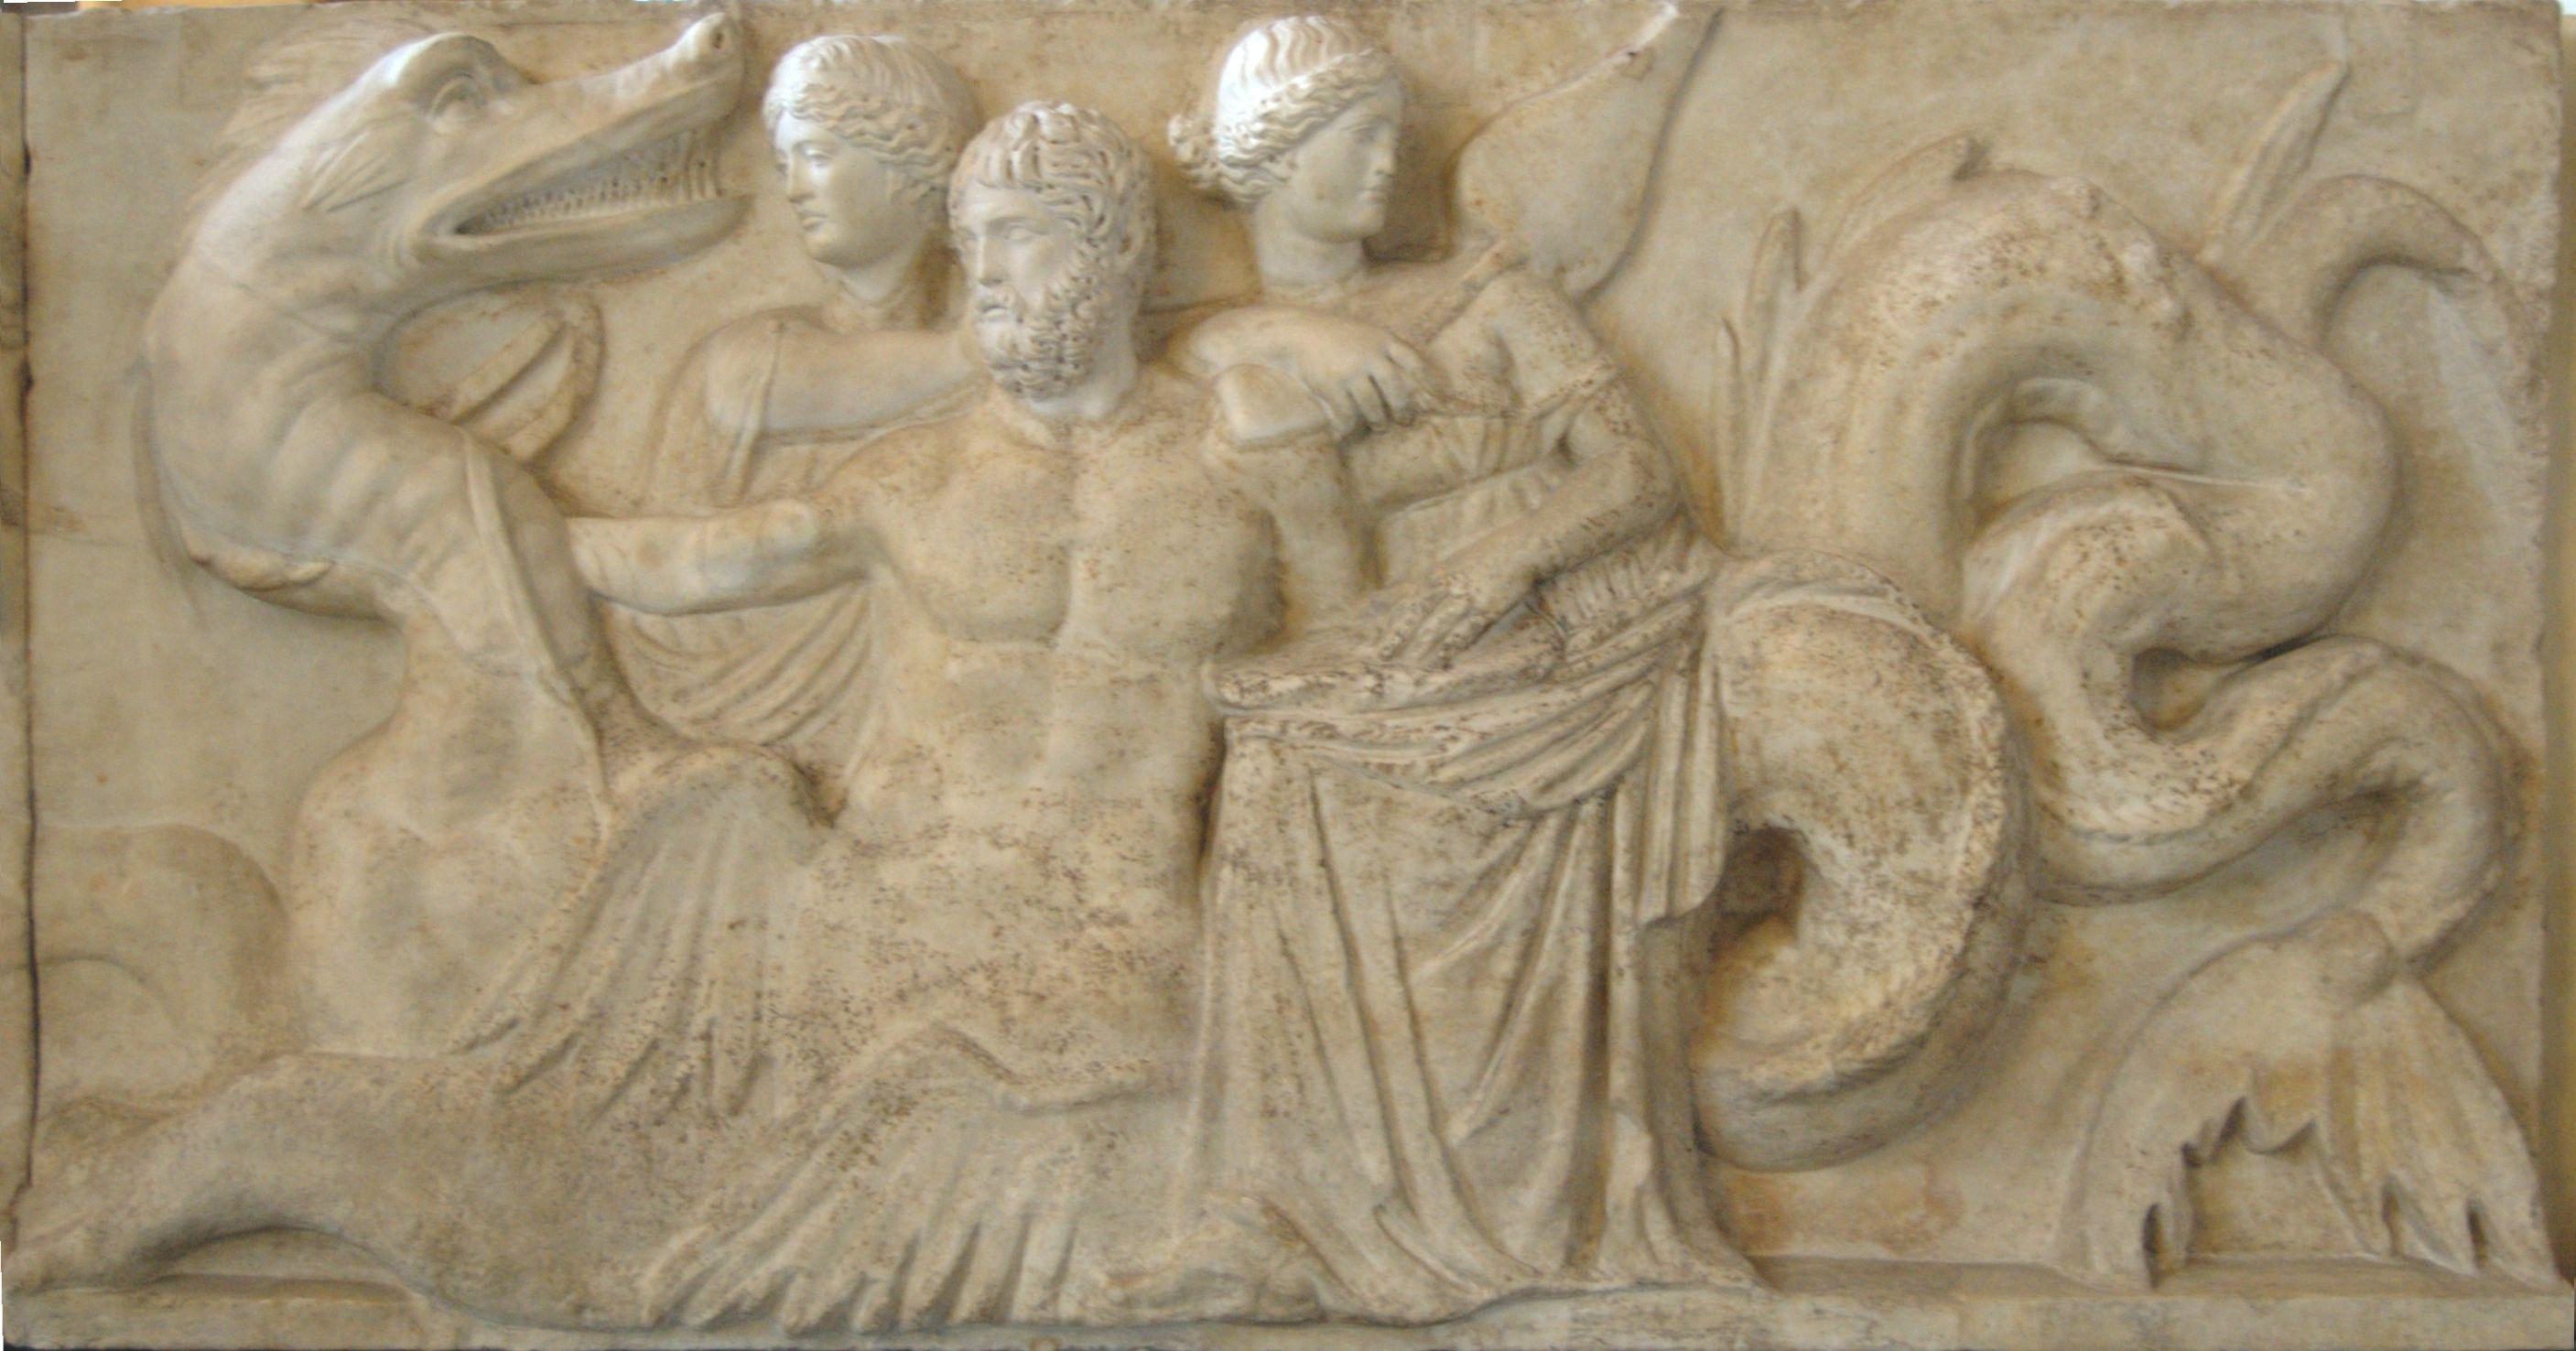 Thiasos en el llamado Altar de la escultura Domicio Ahenobarbo romana es una obra de finales del republicano conservada en cuatro losas conservados en parte, en el Museo del Louvre en París, y en parte a la Glyptotek en Mónaco.